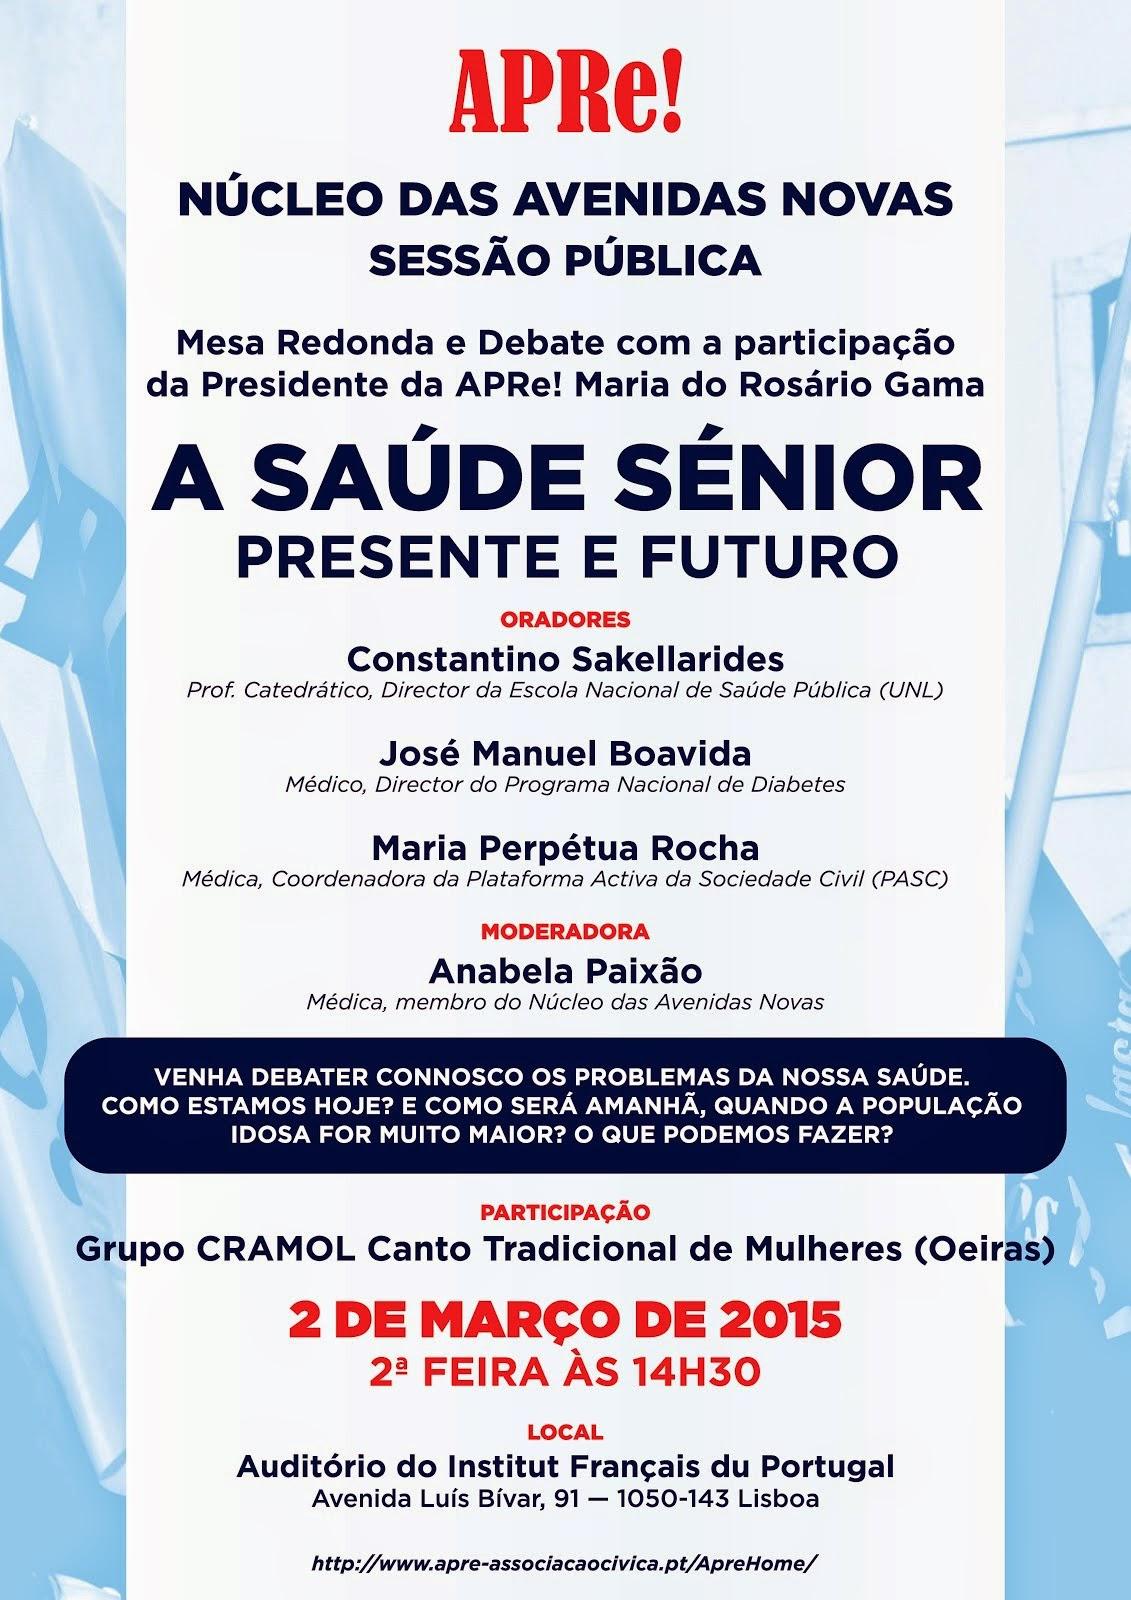 """Lisboa, conferência/debate: """"A SAÚDE SÉNIOR - PRESENTE E FUTURO"""""""